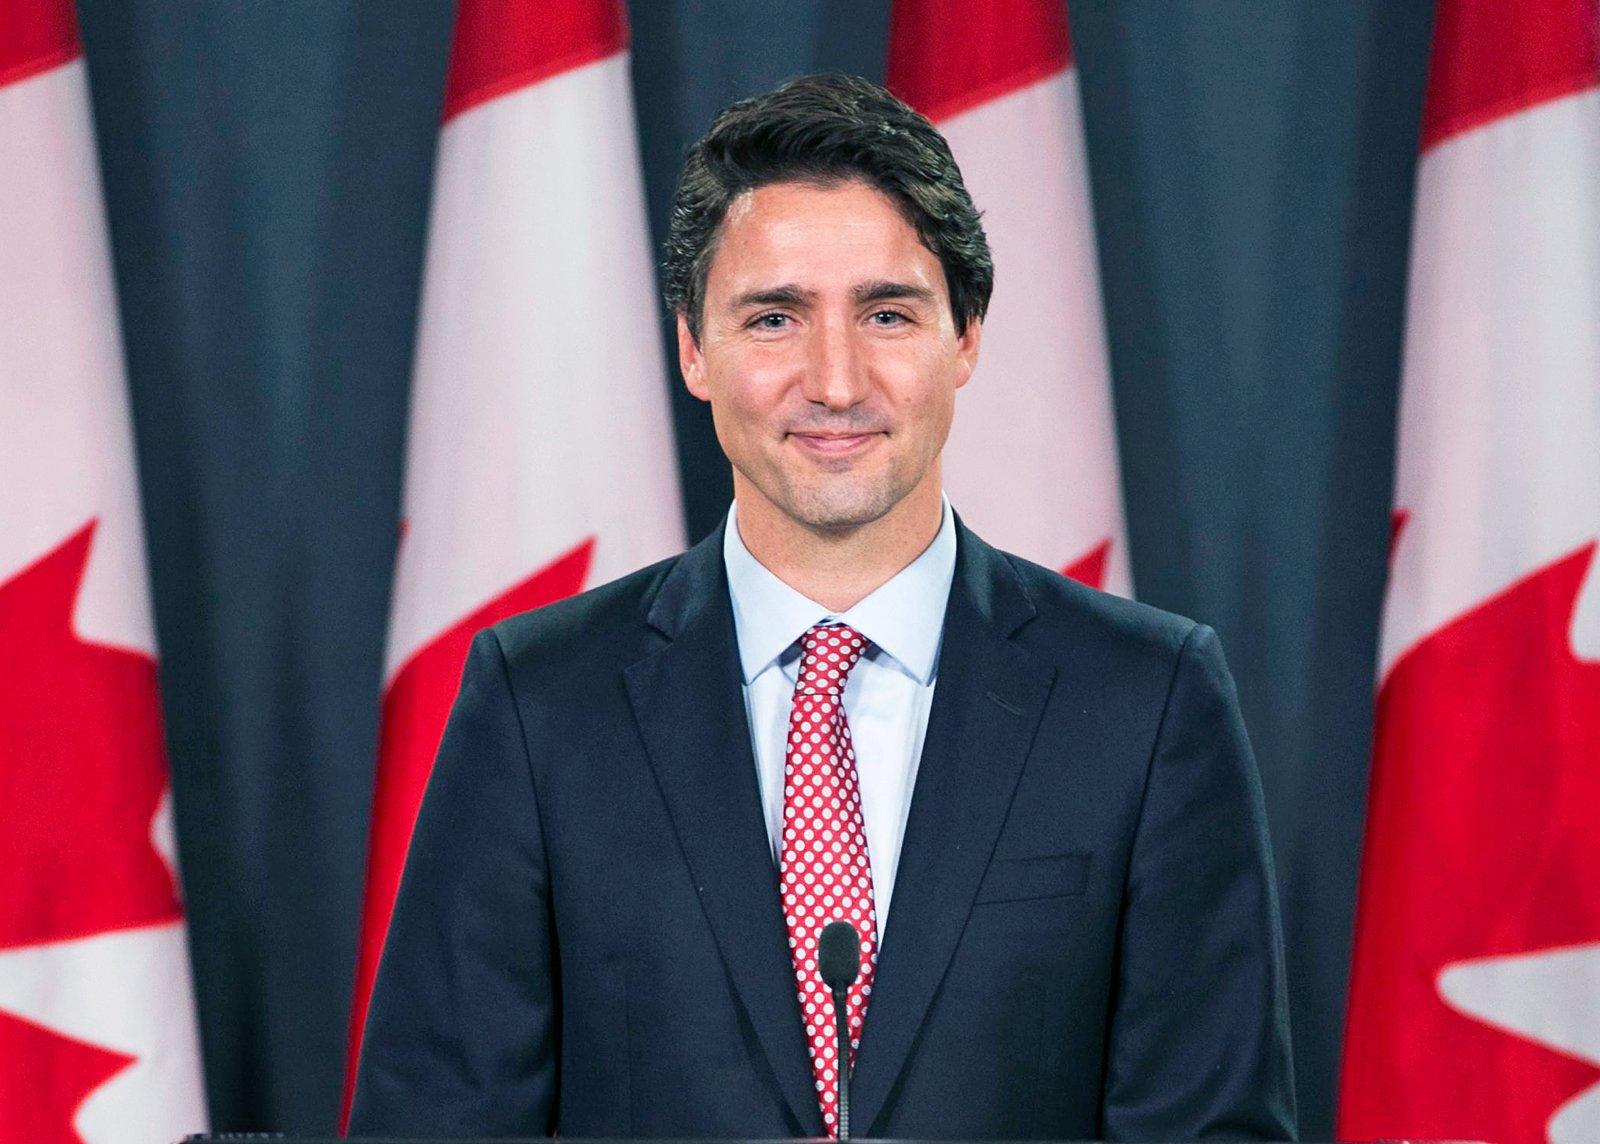 क्यानडाका प्रधानमन्त्री ट्रुडो ४९ बर्षमा तेस्रो पटक पनि निर्वाचित